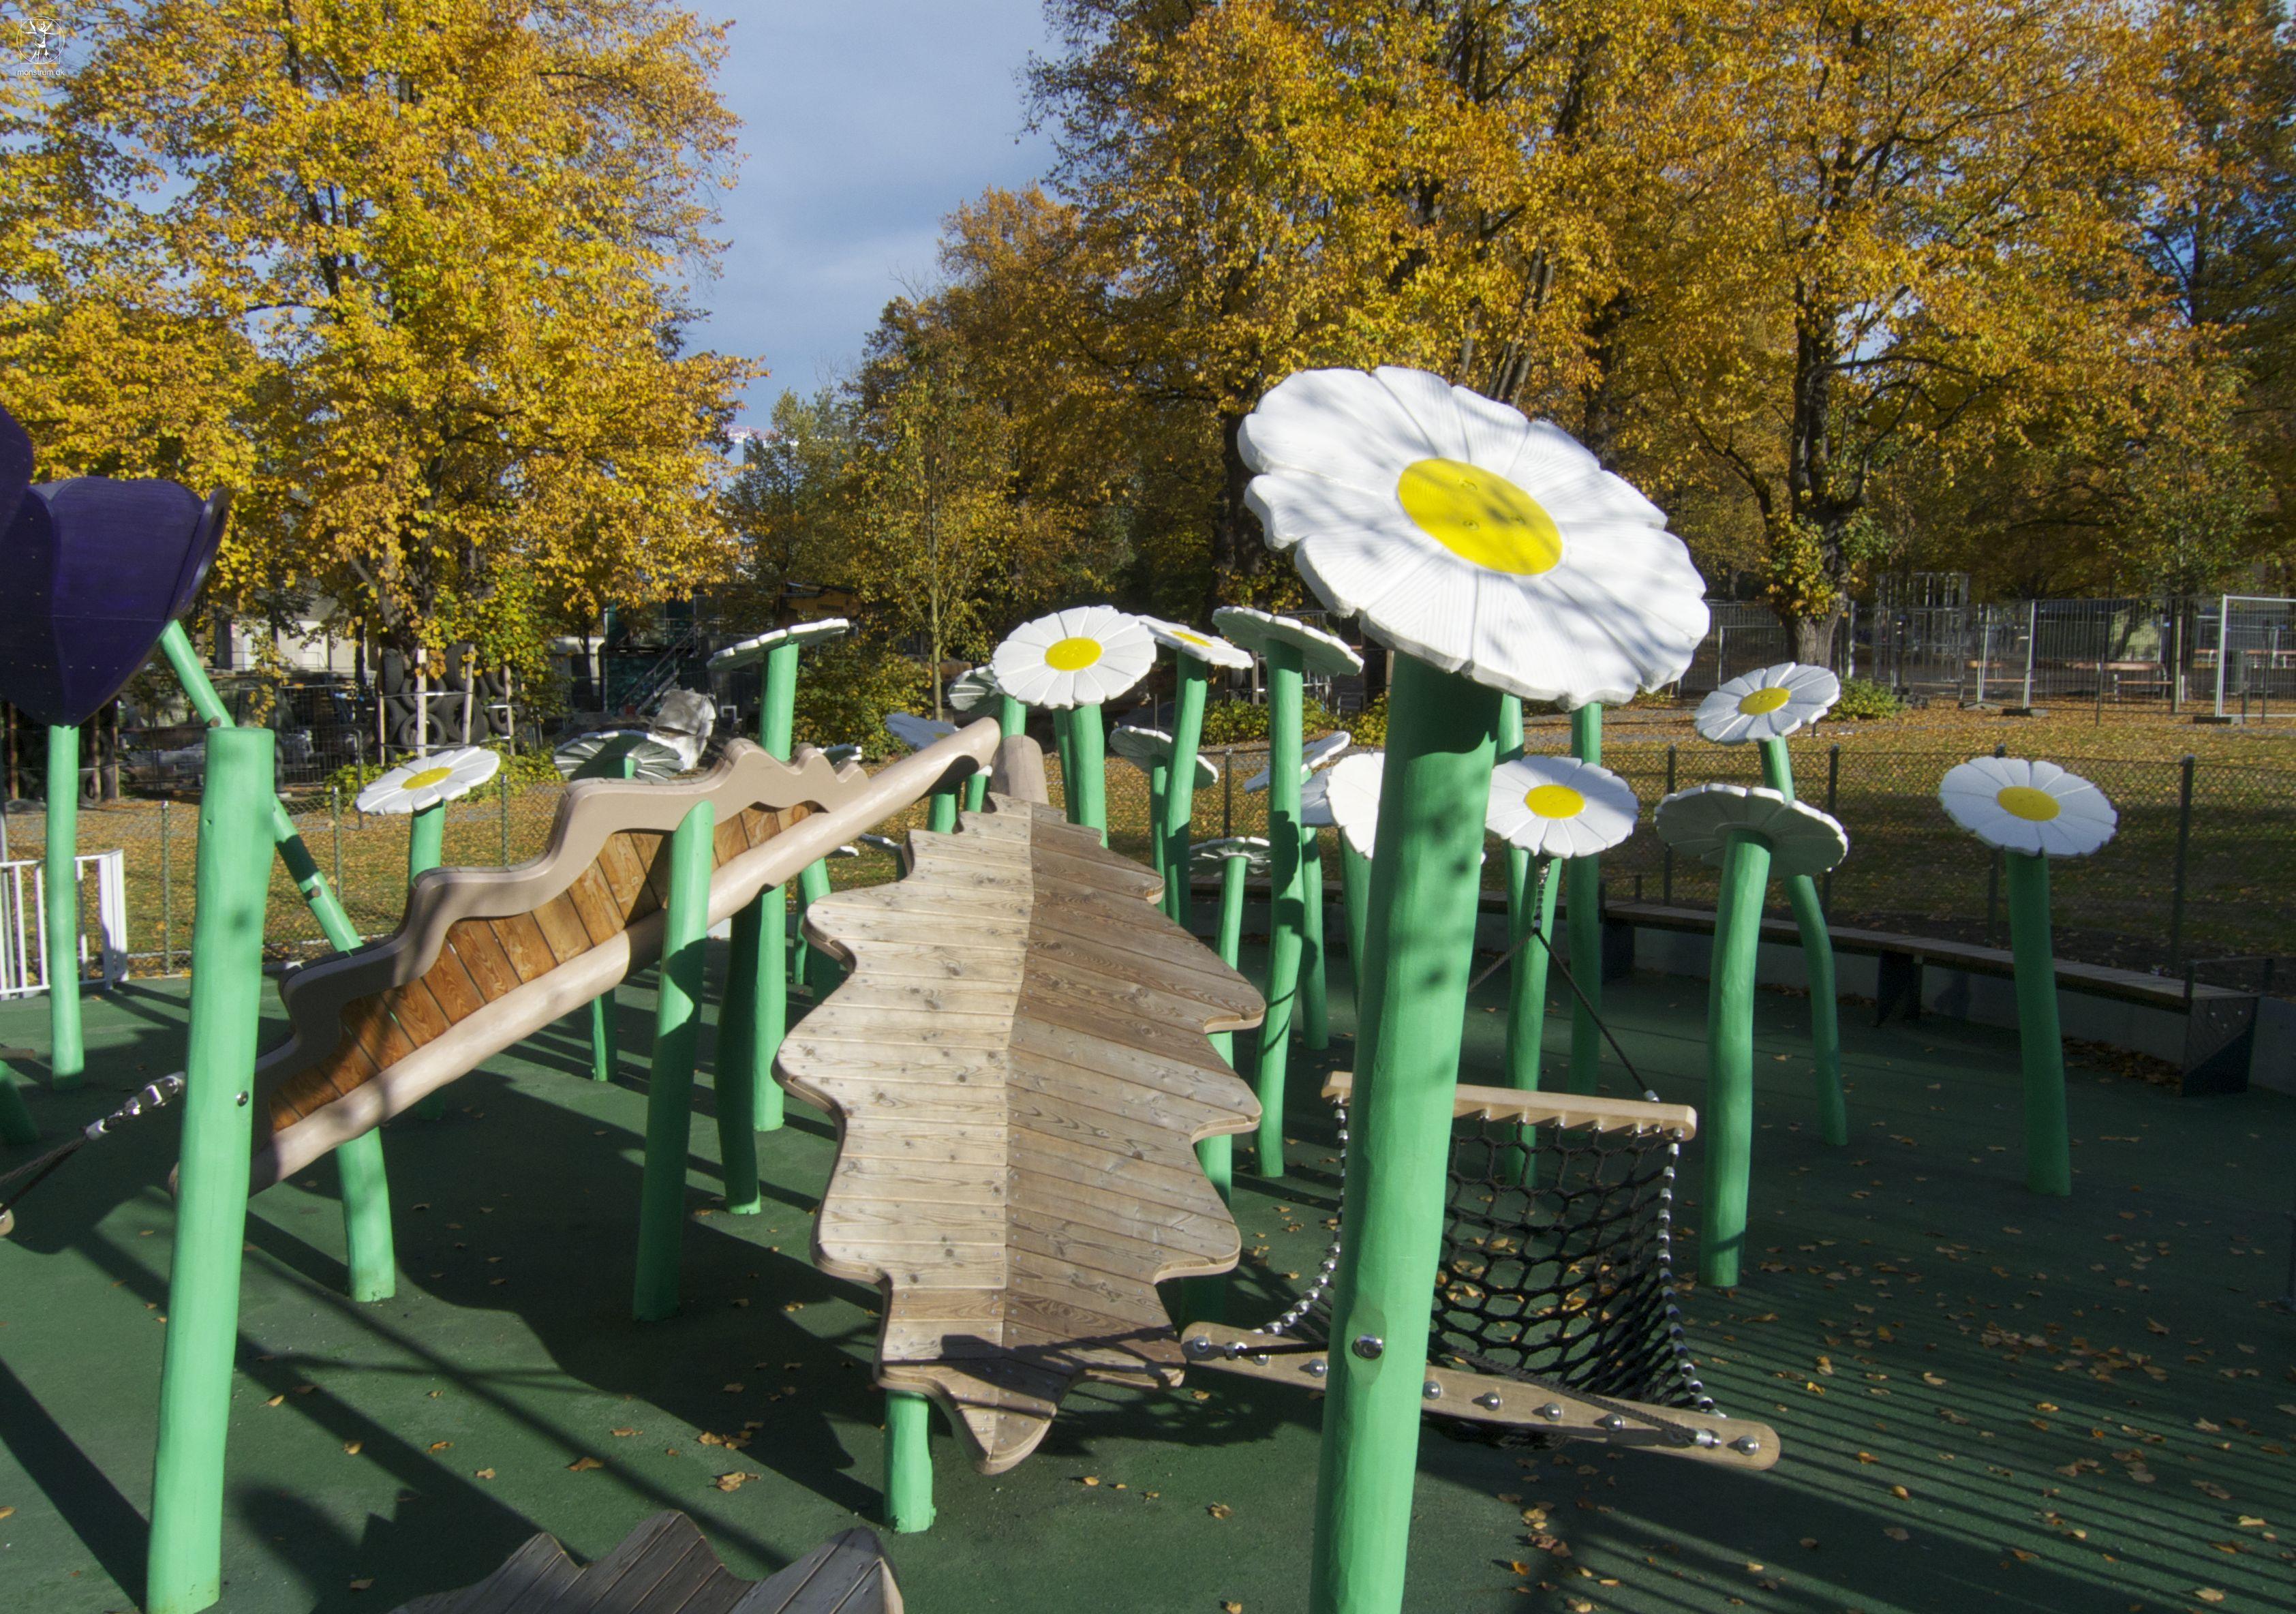 Kristinebergs_Slottspark_-_02